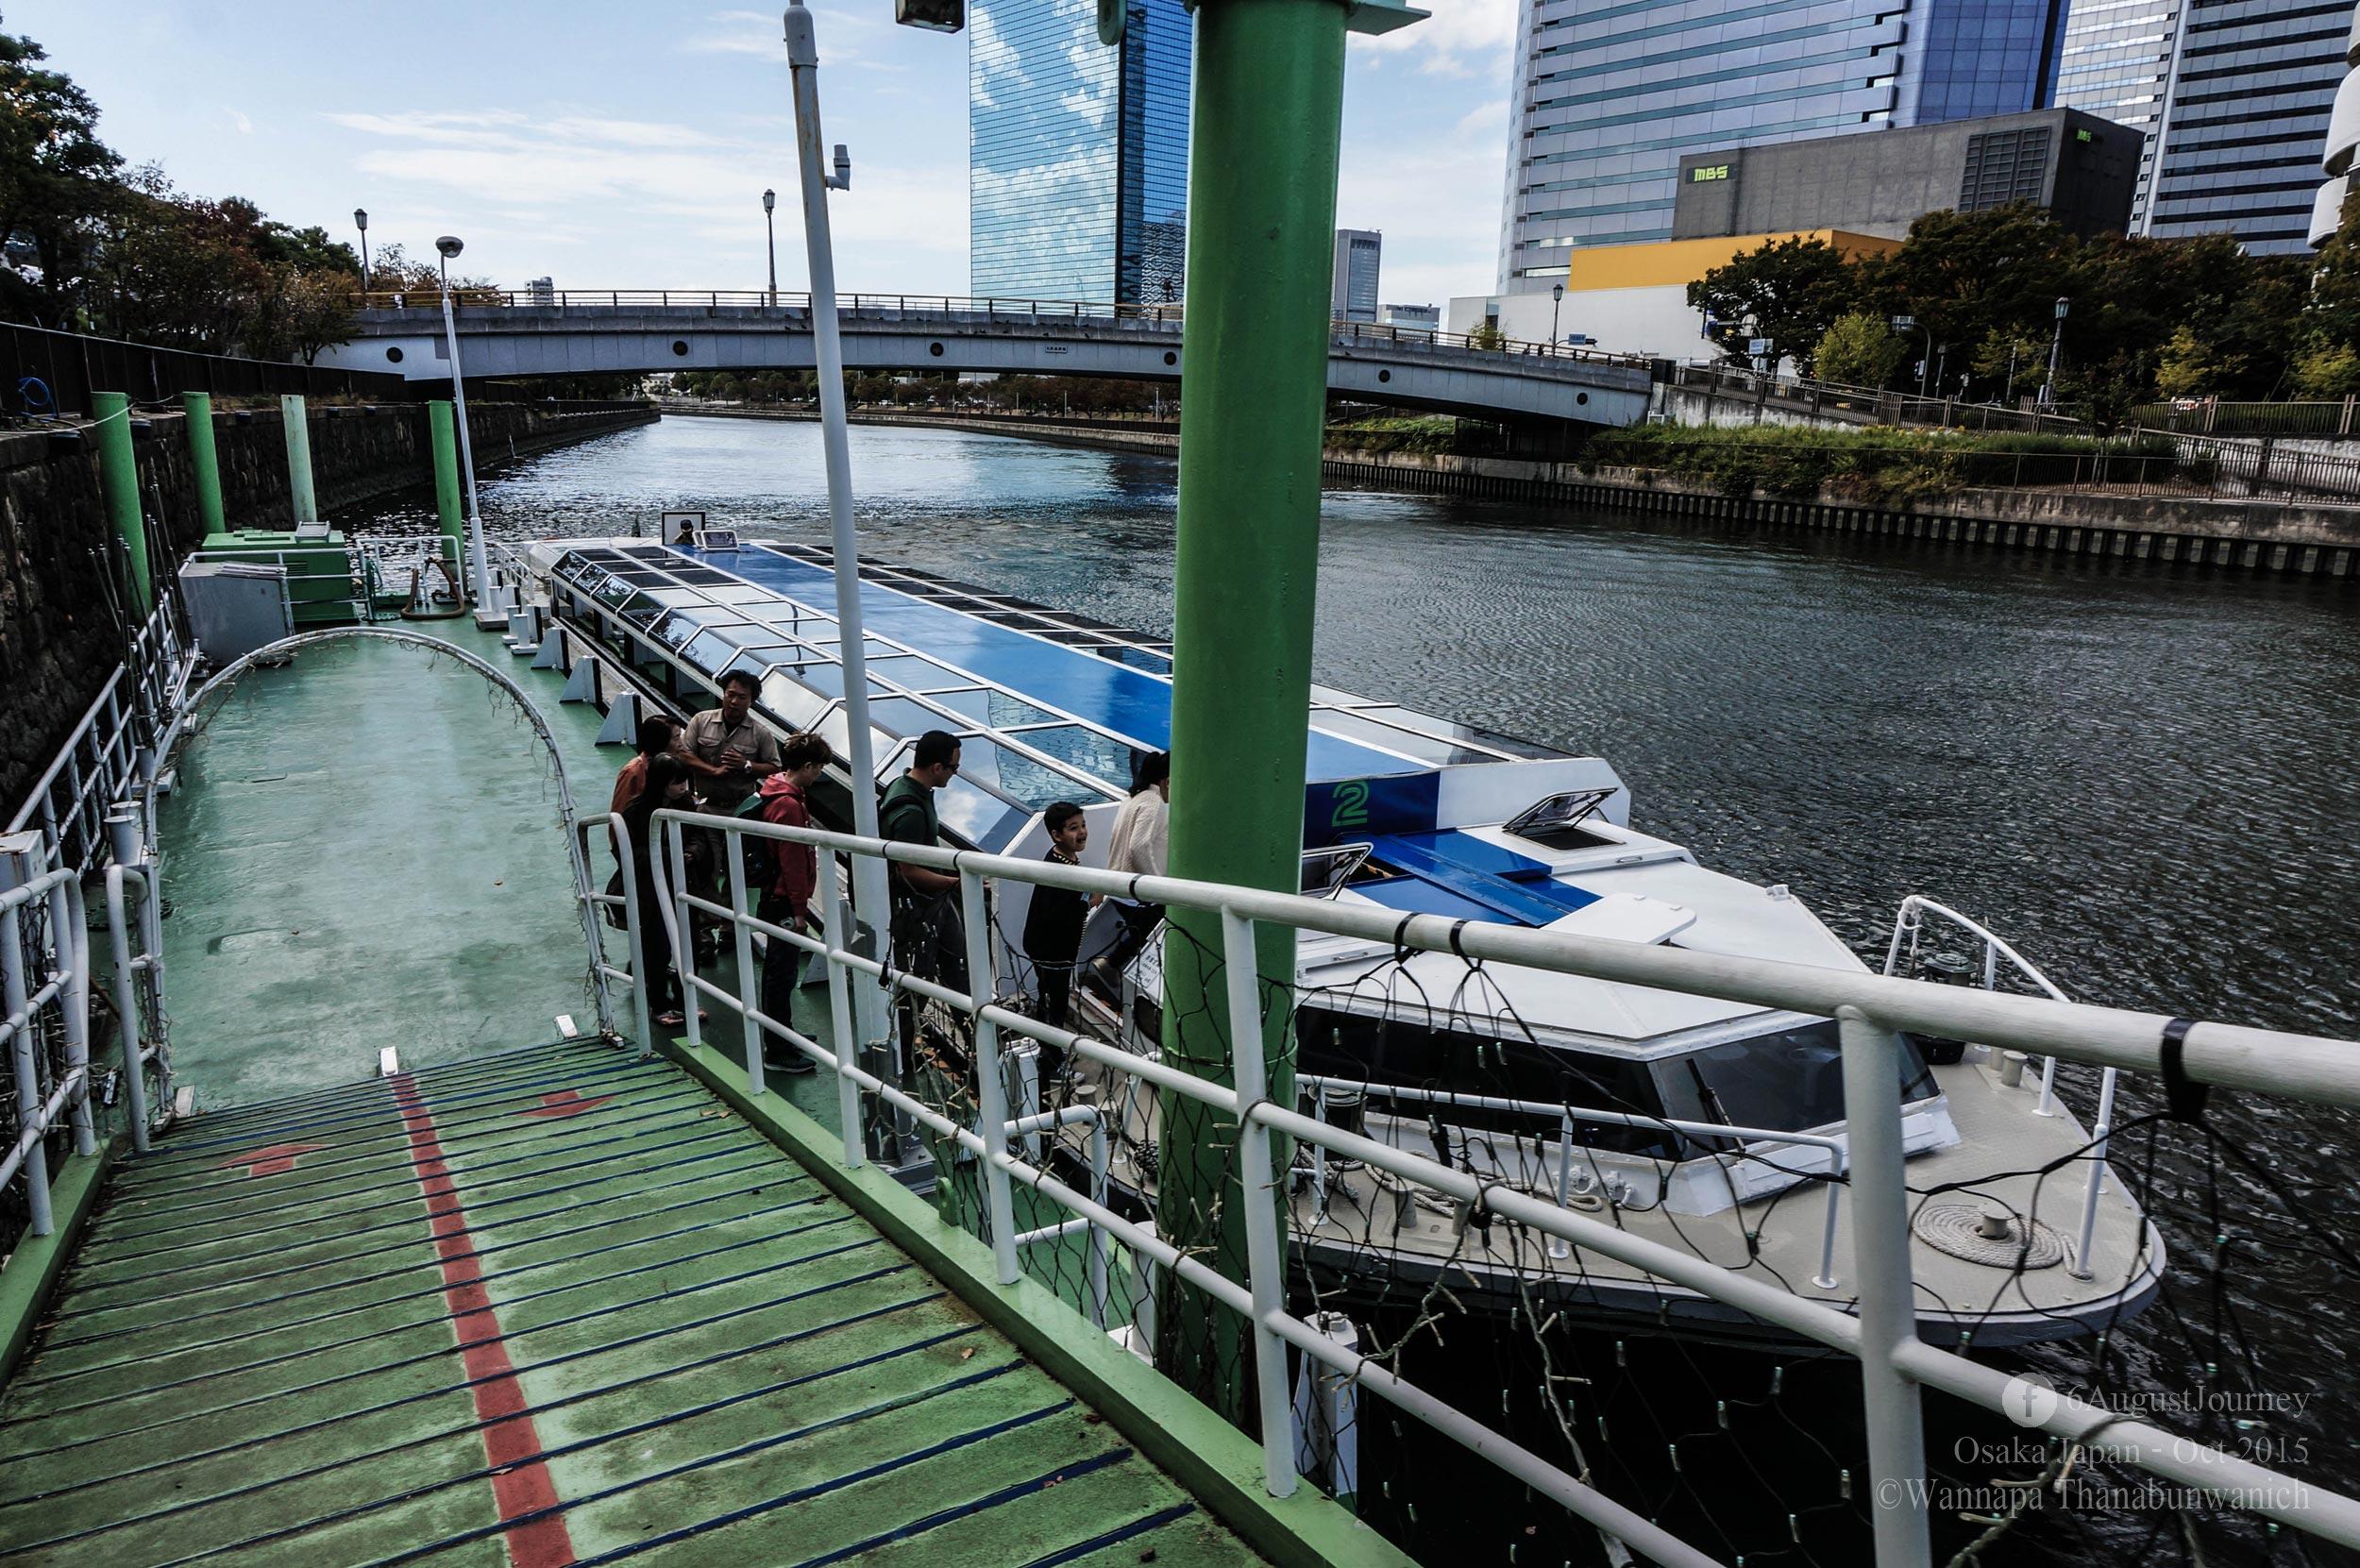 สังเกตไหมว่าหลังคาเรือเป็นกระจกค่ะ น่าตื่นเต้น